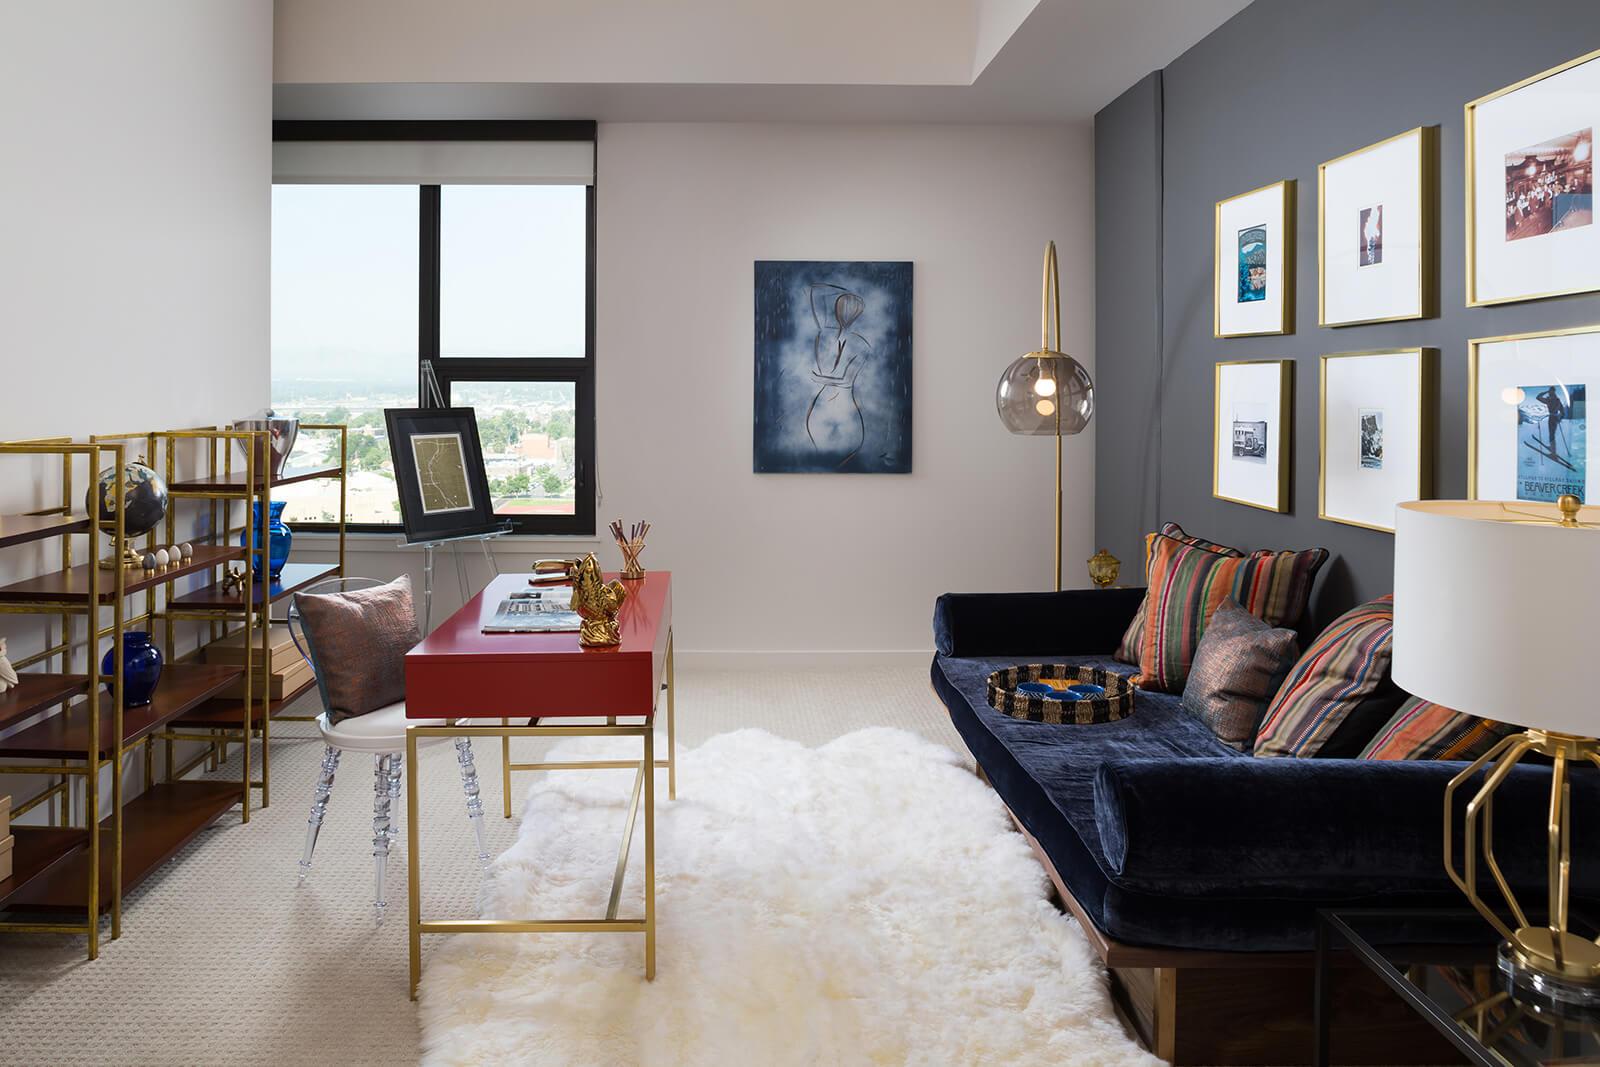 High Ceilings in Living Spaces at 1000 Speer by Windsor, Denver, 80204